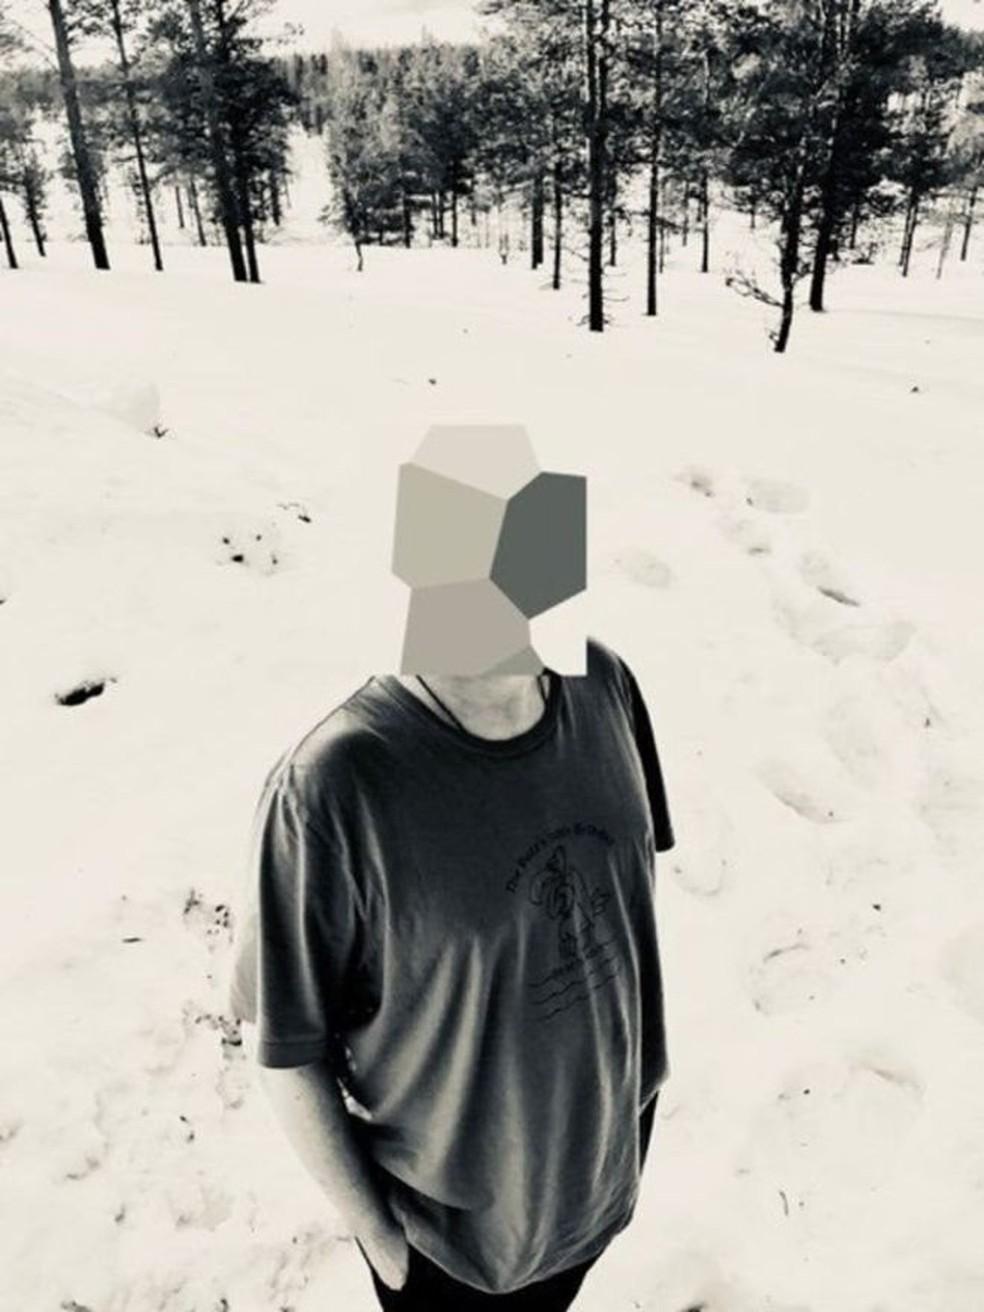 Jonathan Hirshon até tirou uma foto sua em Lapland, na Finlandia, mas escondeu o rosto (Foto:  Jonathan Hirshon)